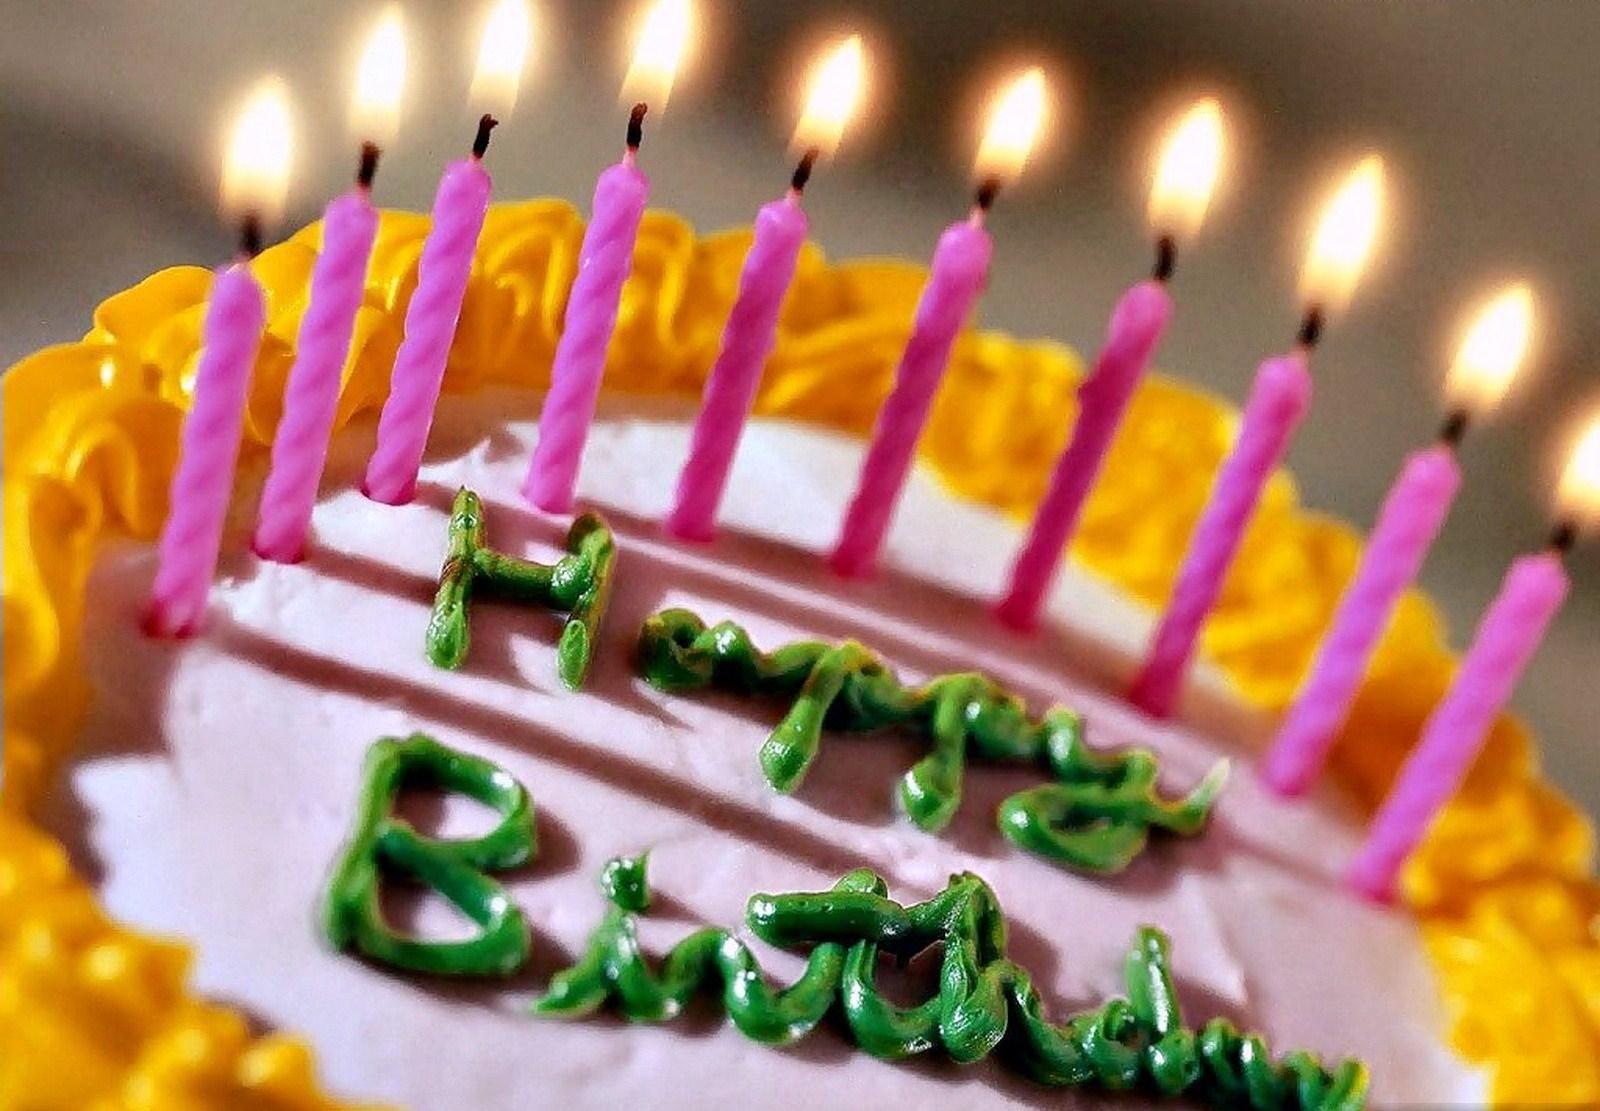 Свечи и торт в день рождения - С Днем Рождения поздравительные картинки